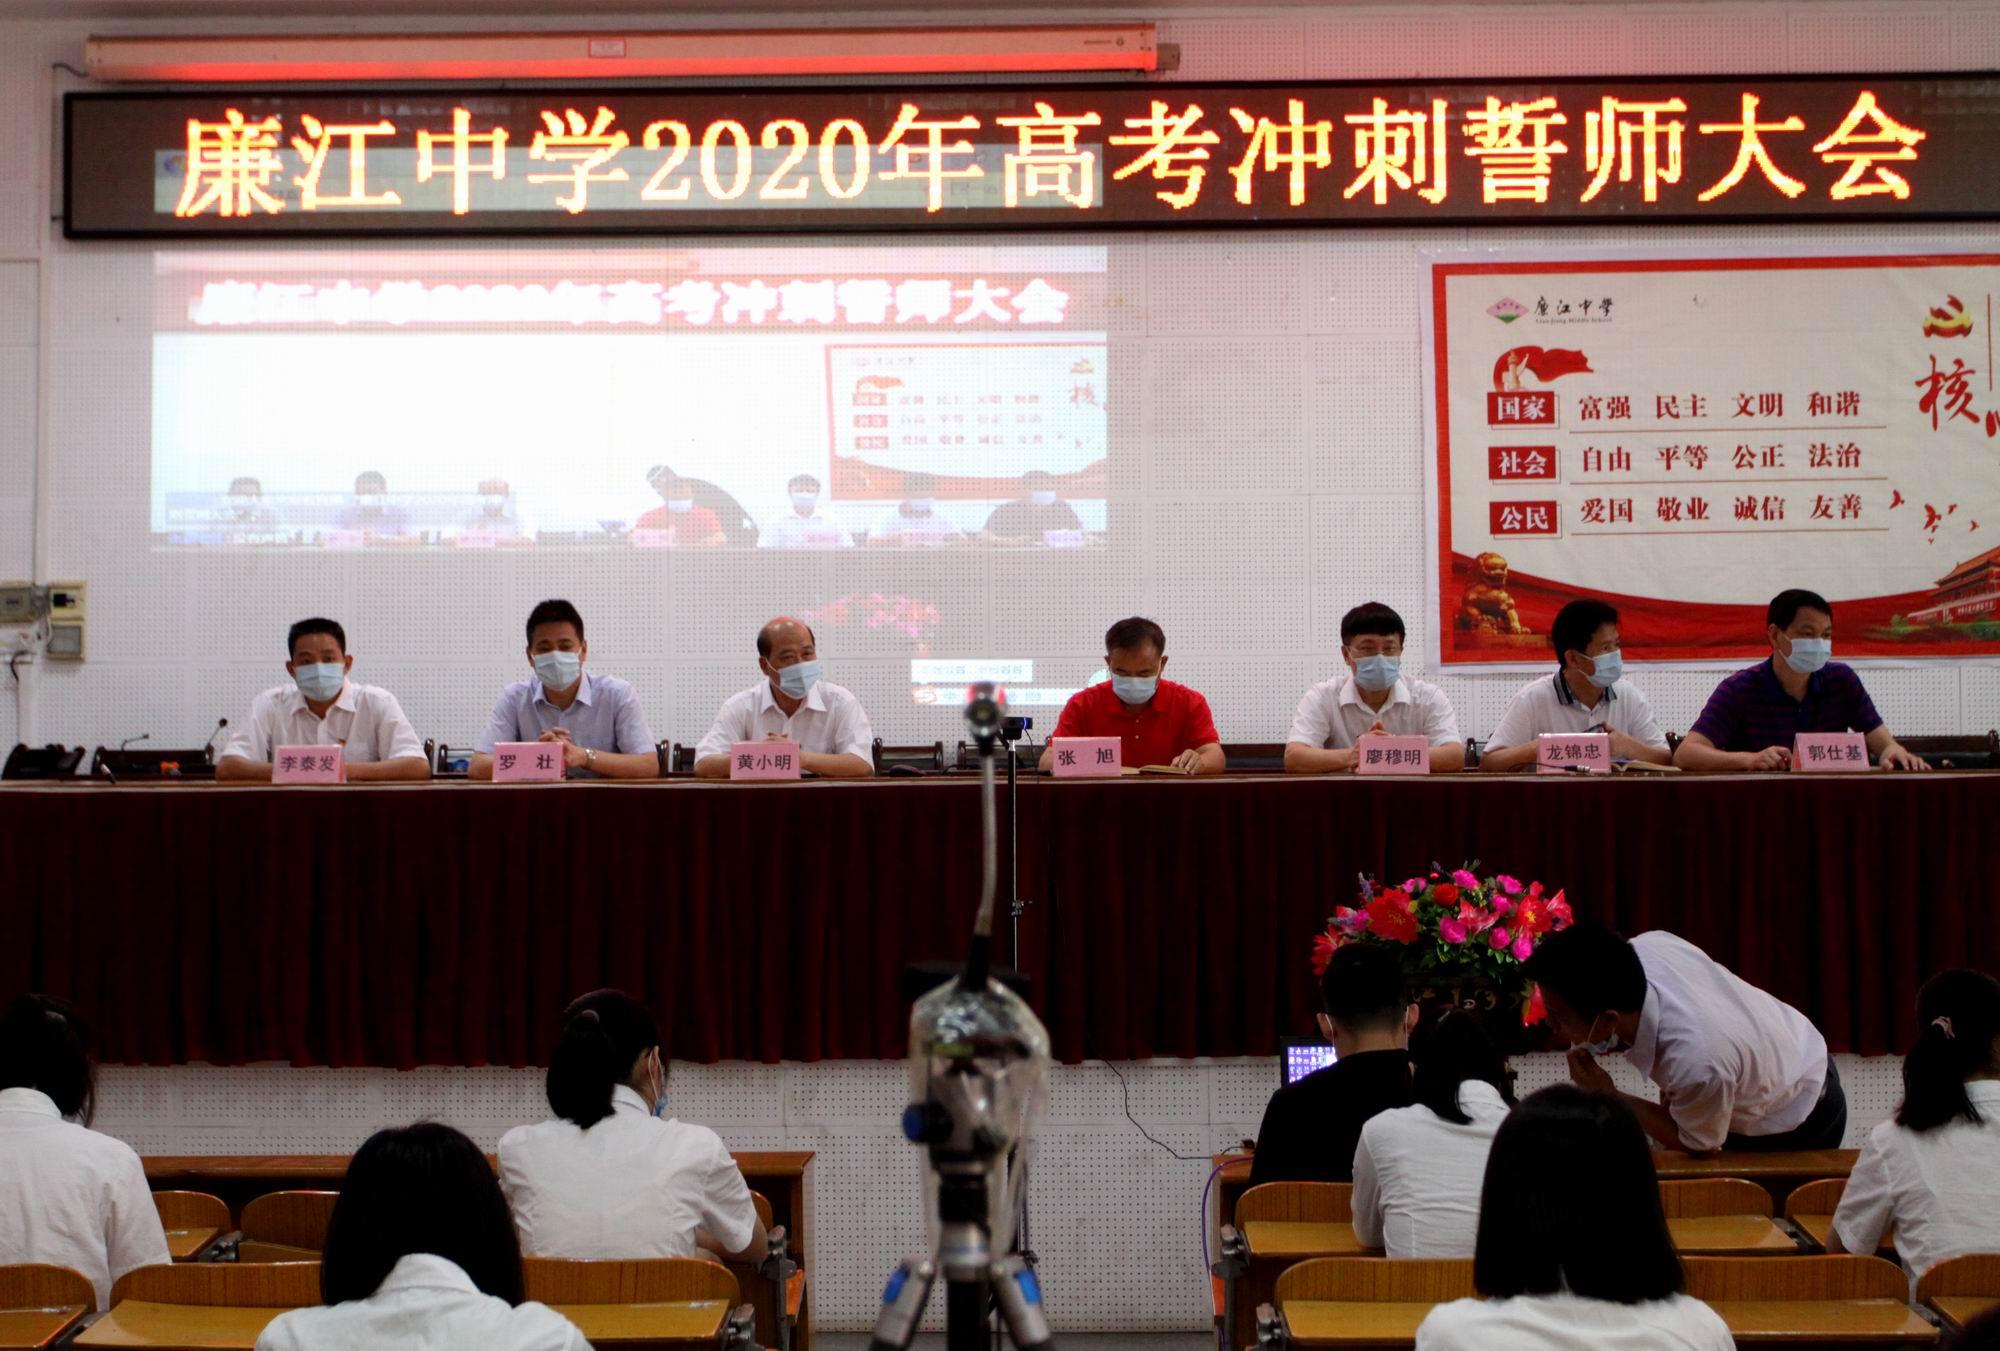 高考倒计时是2个月 廉江中学举行了一次特别的高考冲刺认捐会议 誓言有助于现场直播